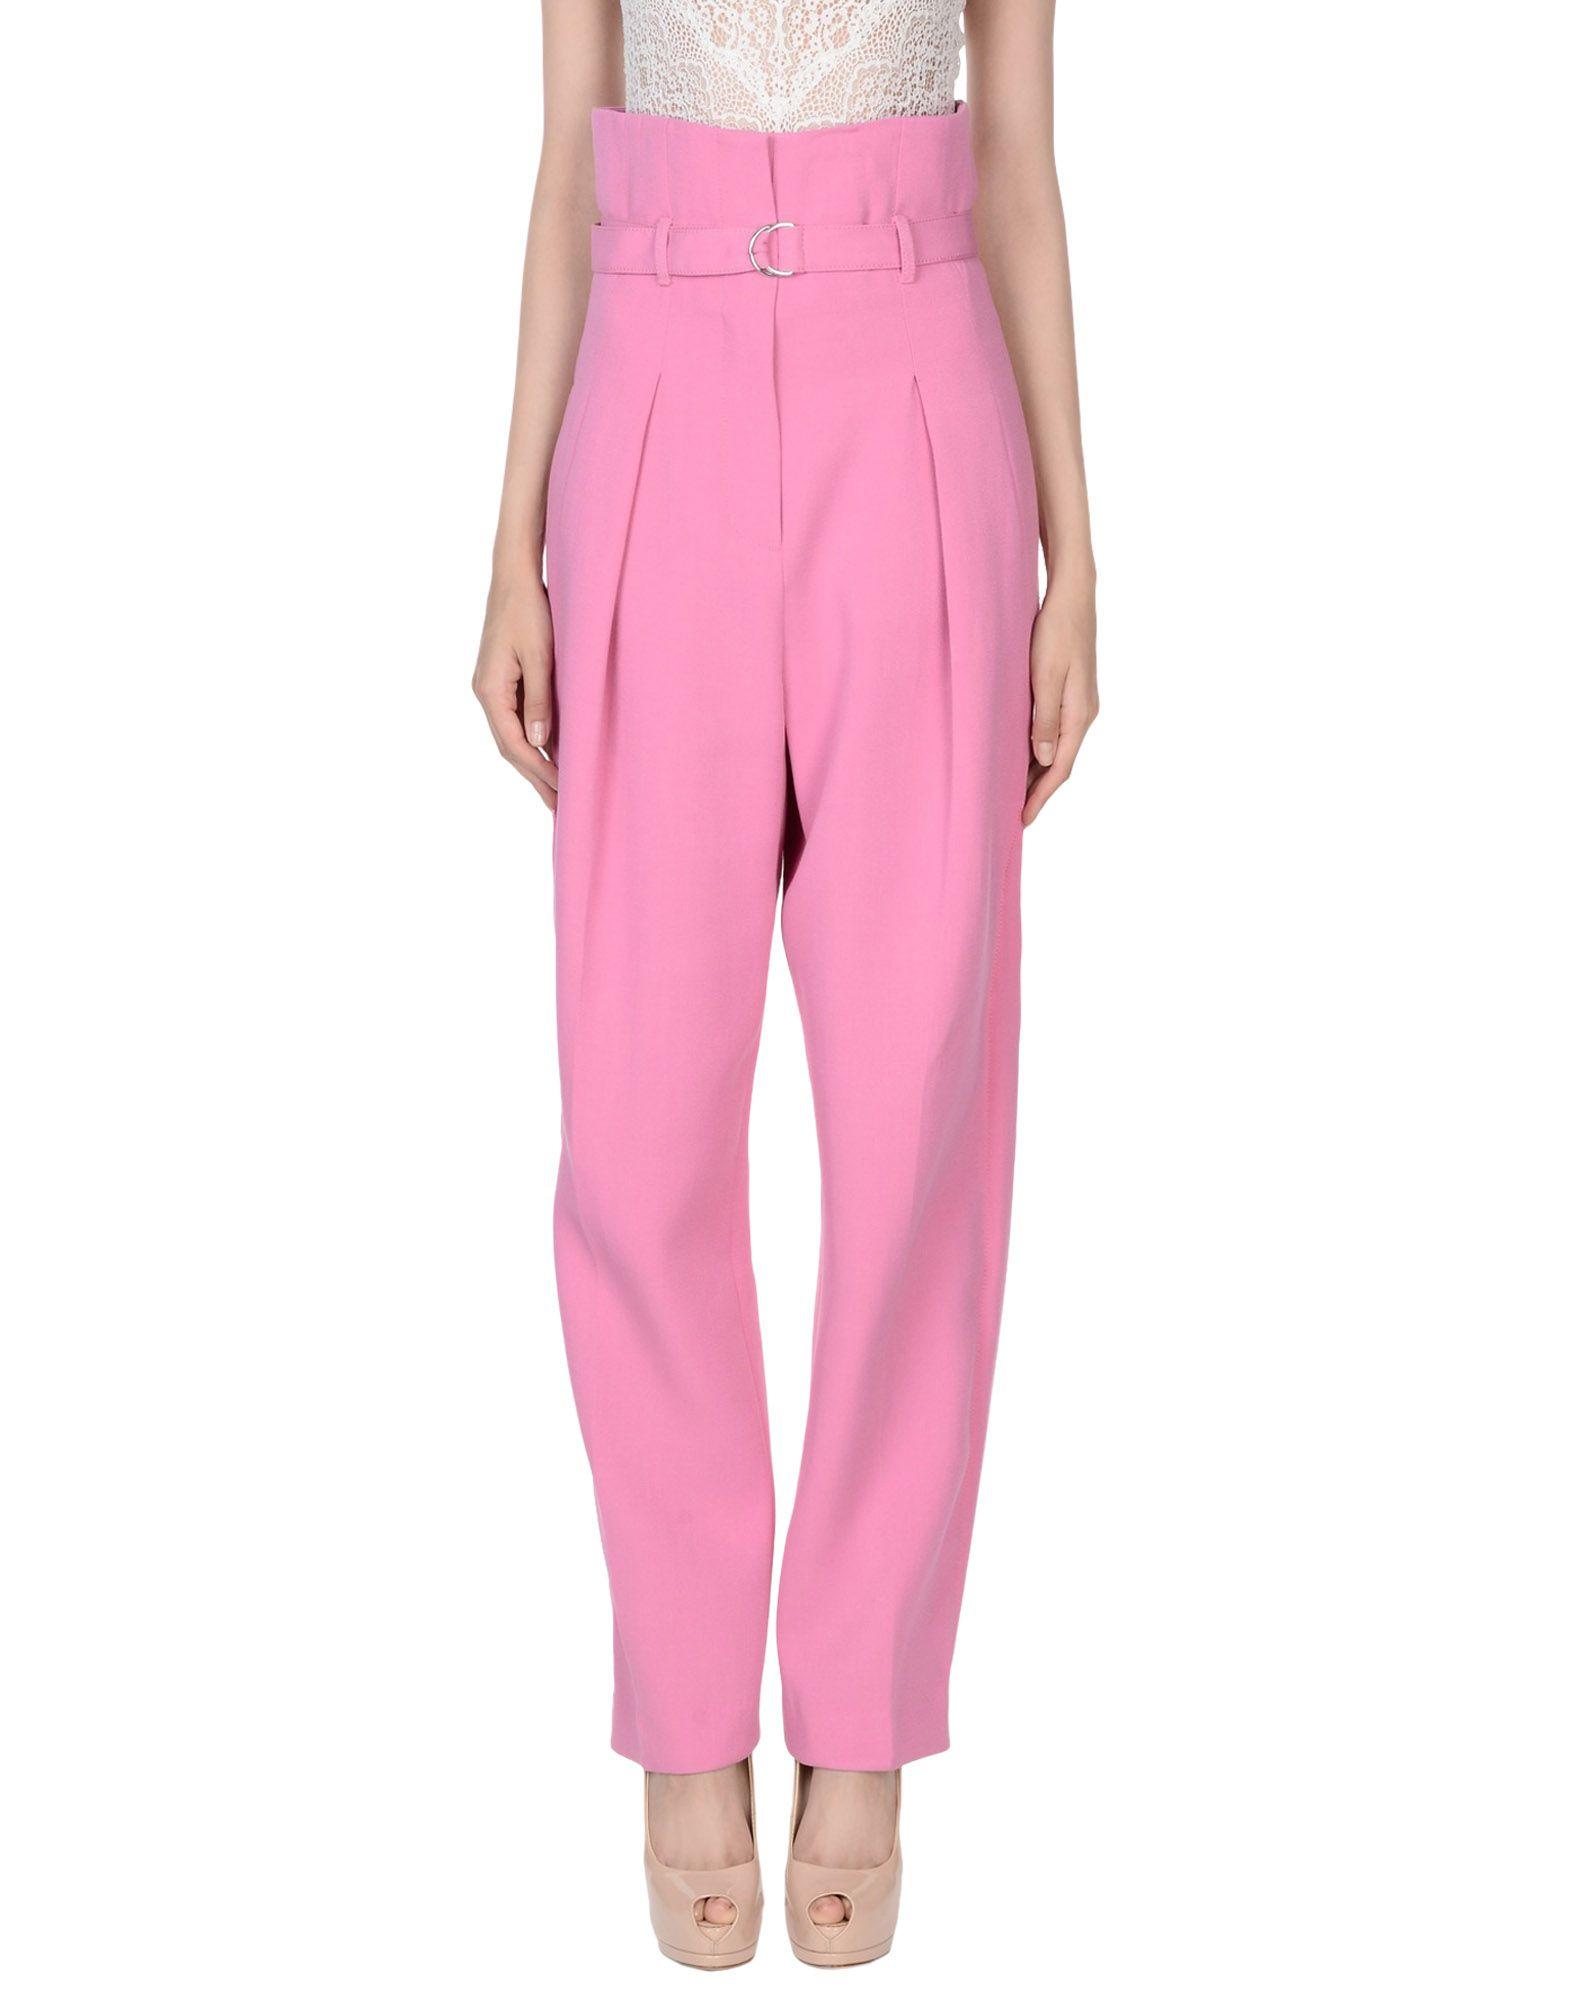 Pantalone Pantalone Pantalone 3.1 Phillip Lim donna - 13183545US 91a